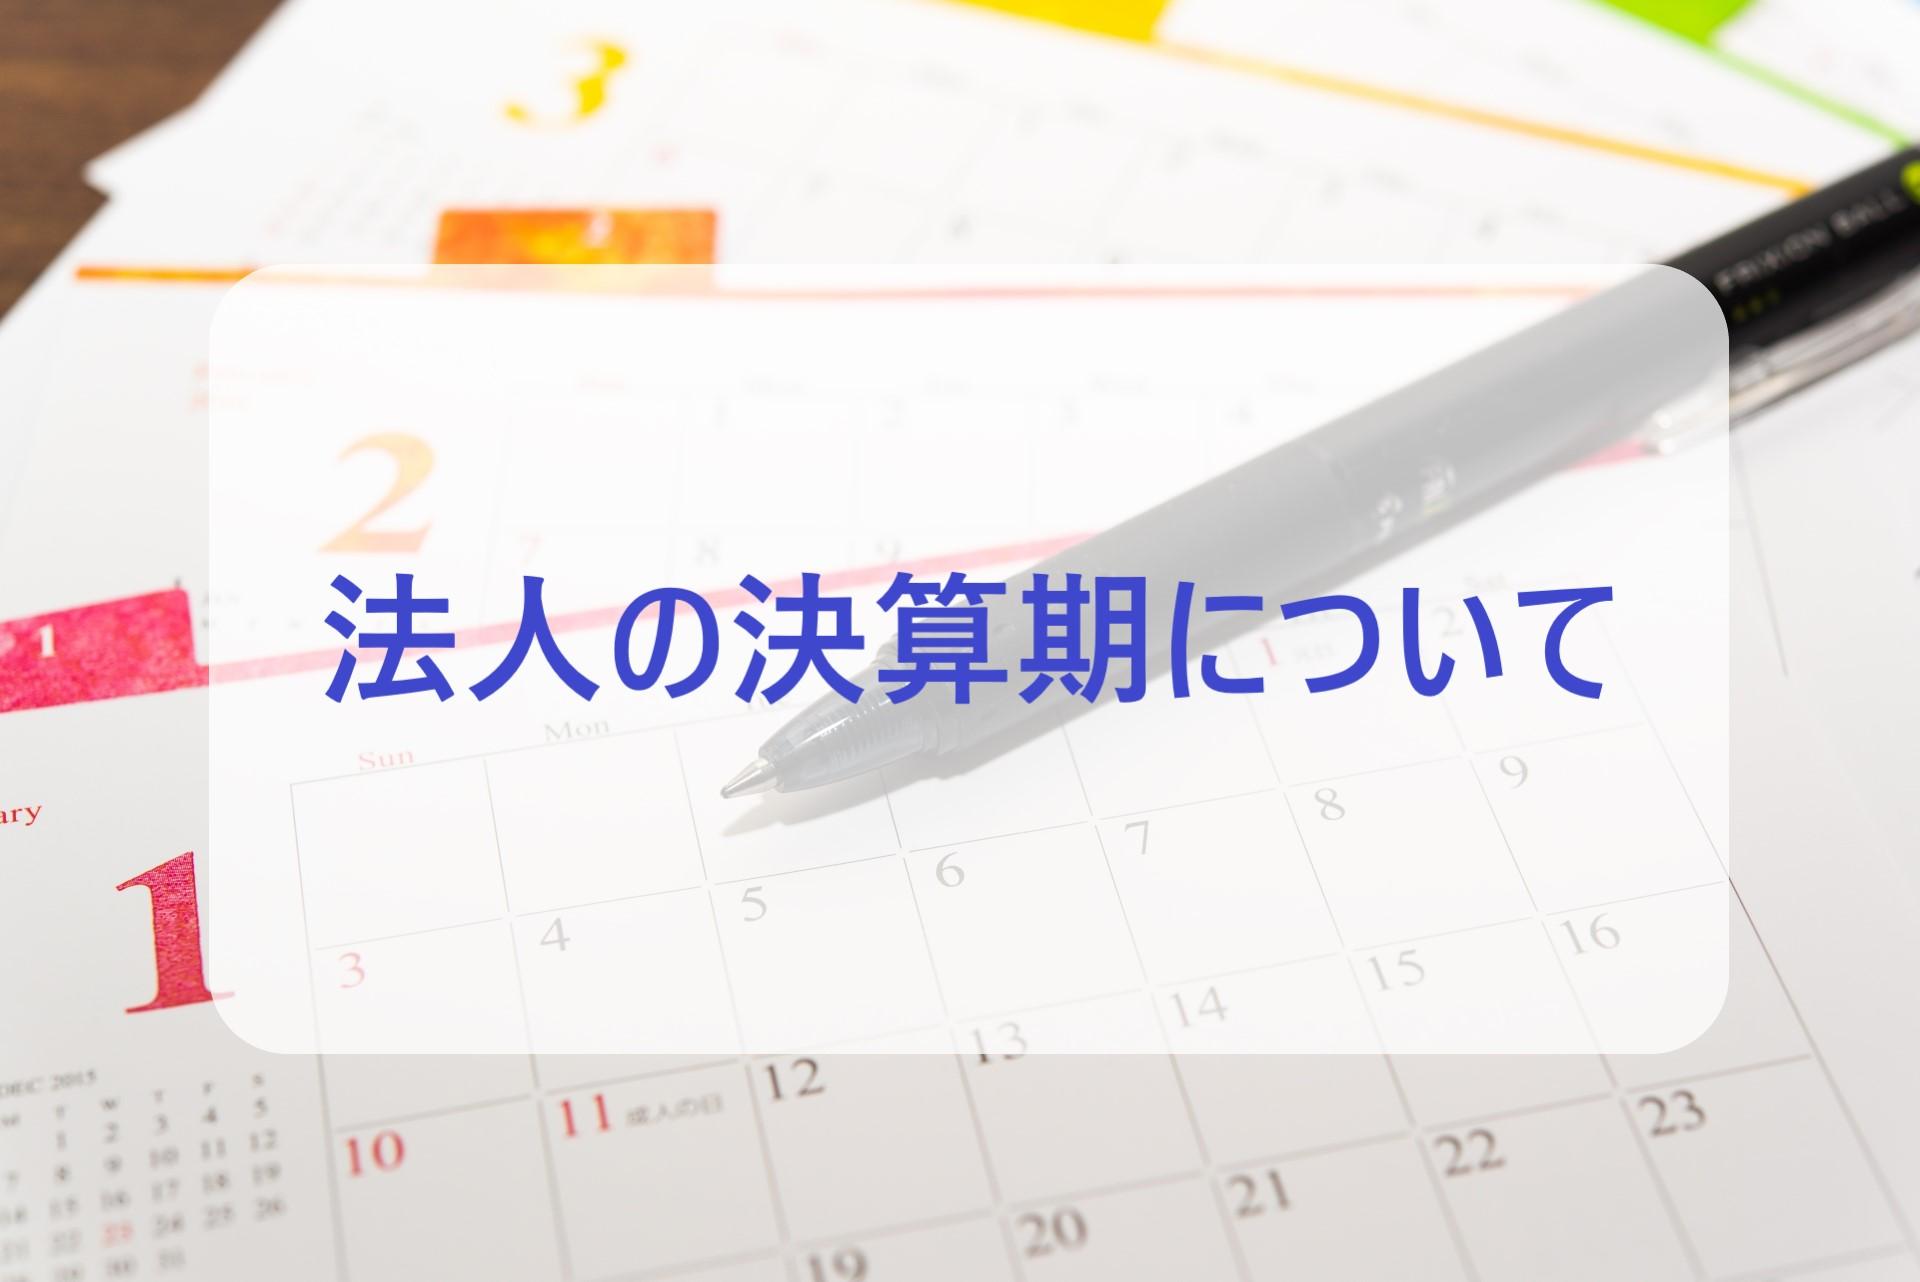 法人の決算期と税理士への報酬との関係|二橋税理士事務所ー横浜市鶴見区の税理士の画像